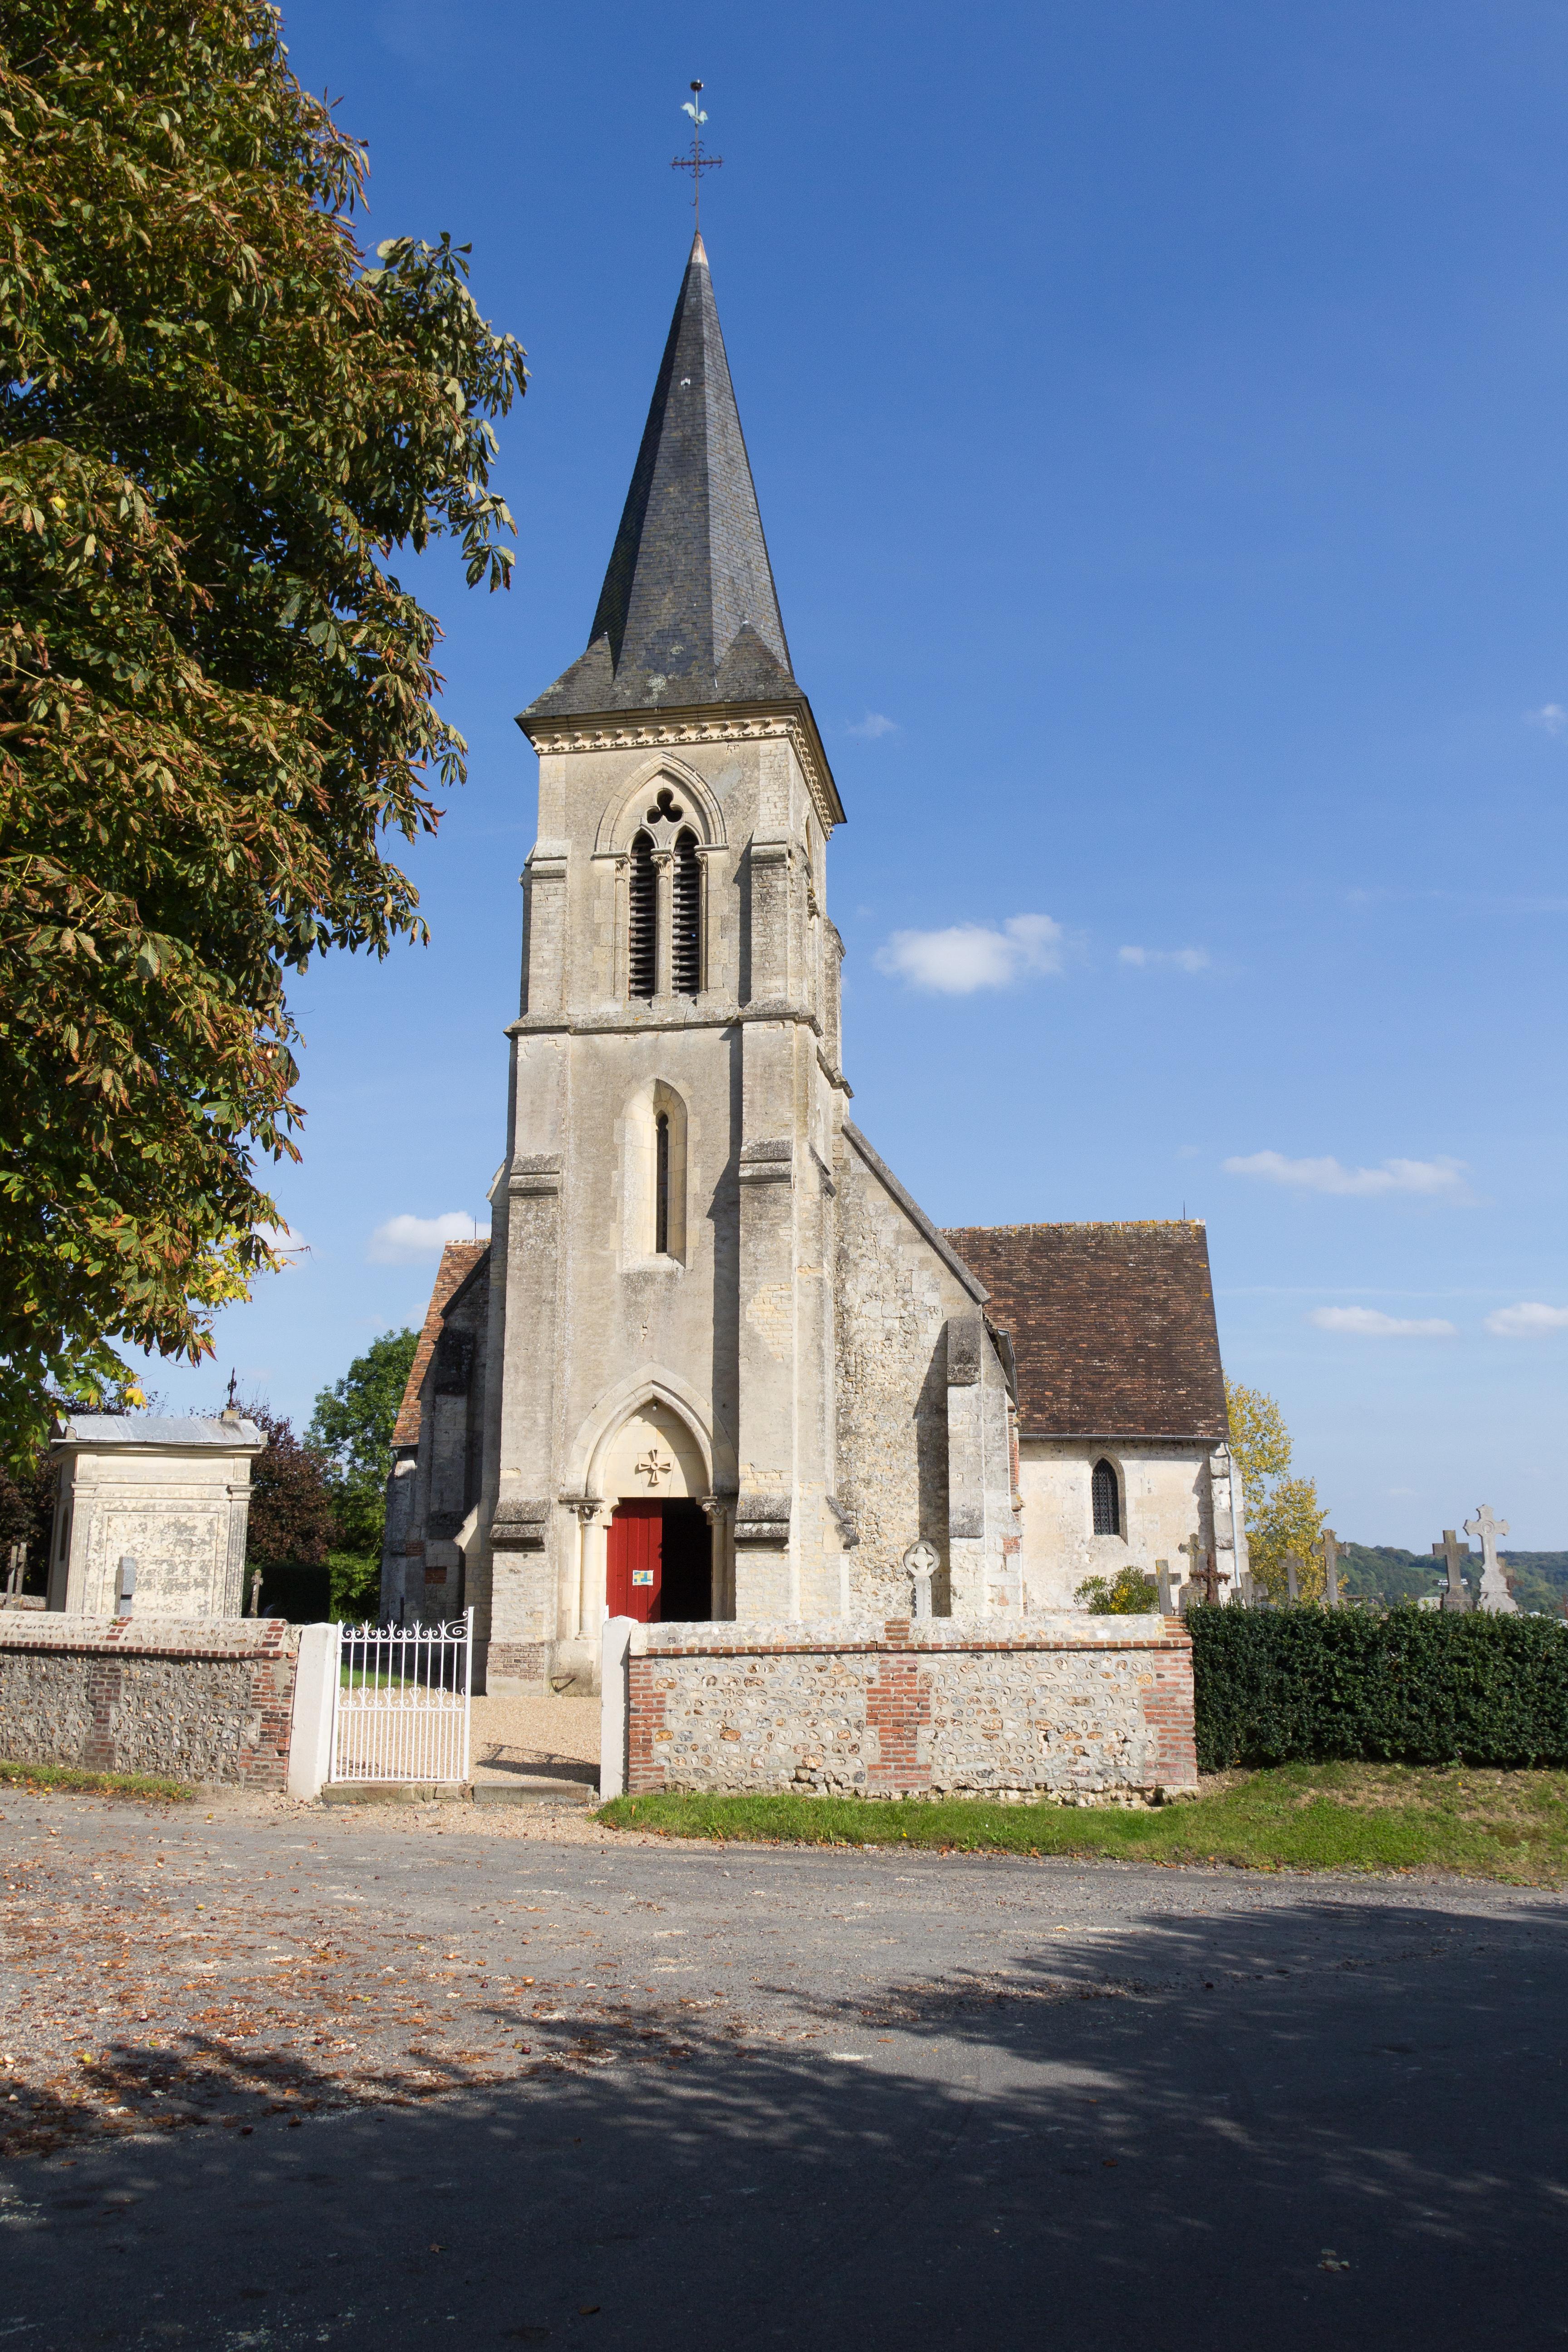 Narbonne Version 3 1: File:Clocher De L'église Saint-Denis (Pierrefitte-en-Auge